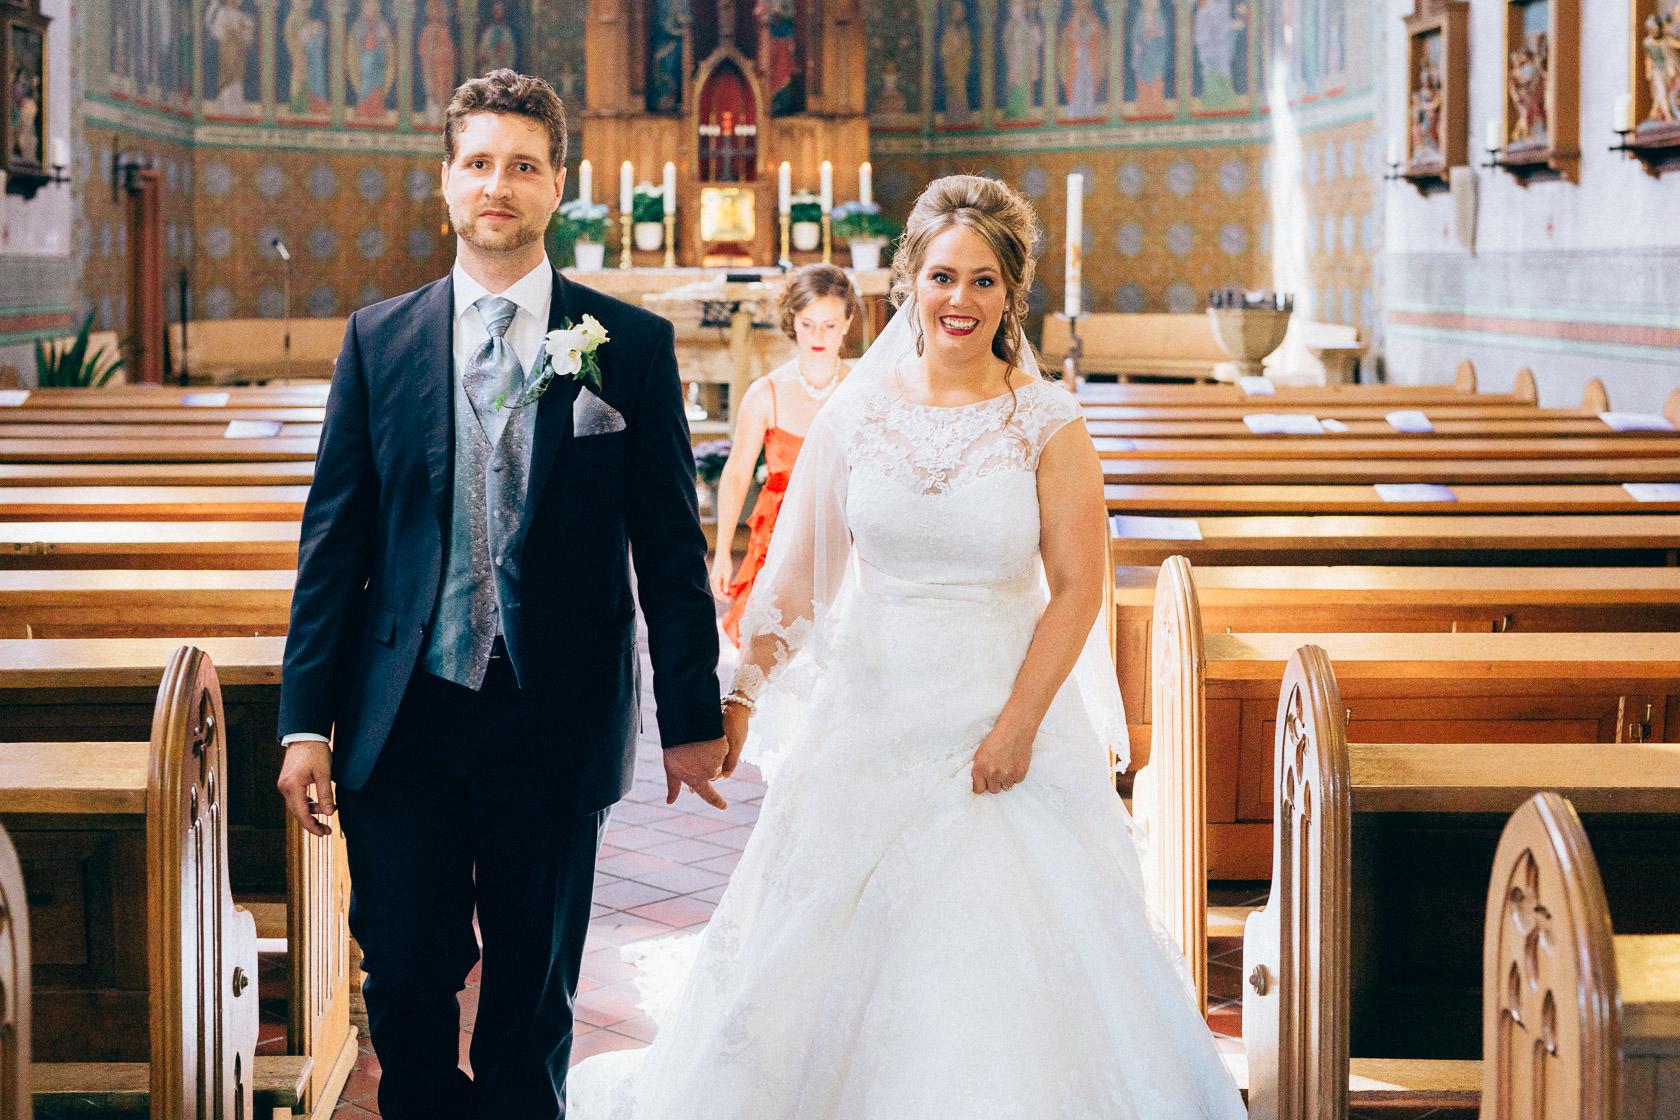 Blauweiße Hochzeit in Bad Kreuznach Auszug des Brautpaars nach der Hoc hzeit Gratulation durch die Gäste